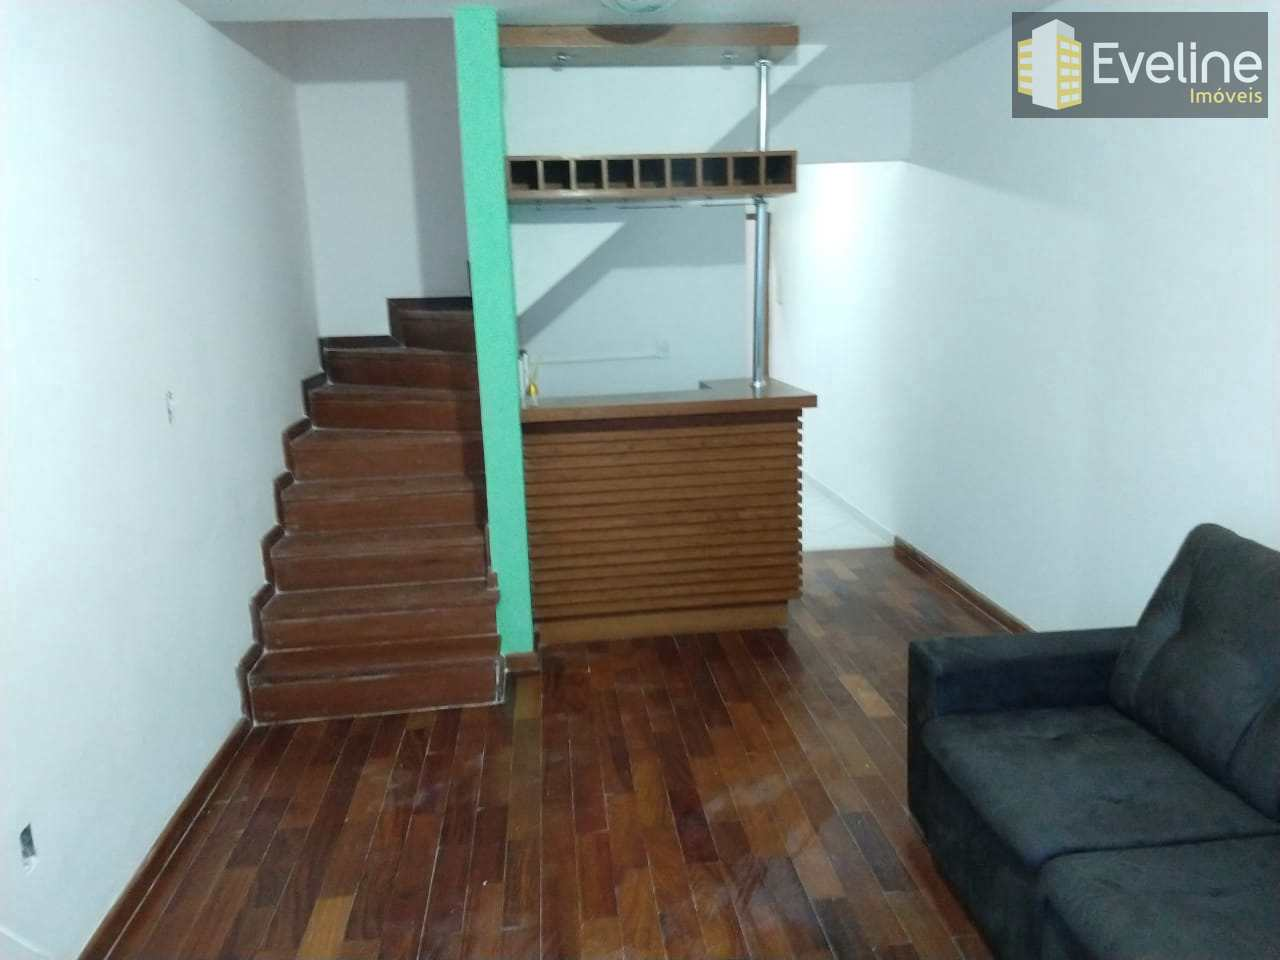 Casa de Condomínio com 2 dorms, Vila São Sebastião, Mogi das Cruzes - R$ 250 mil, Cod: 1451